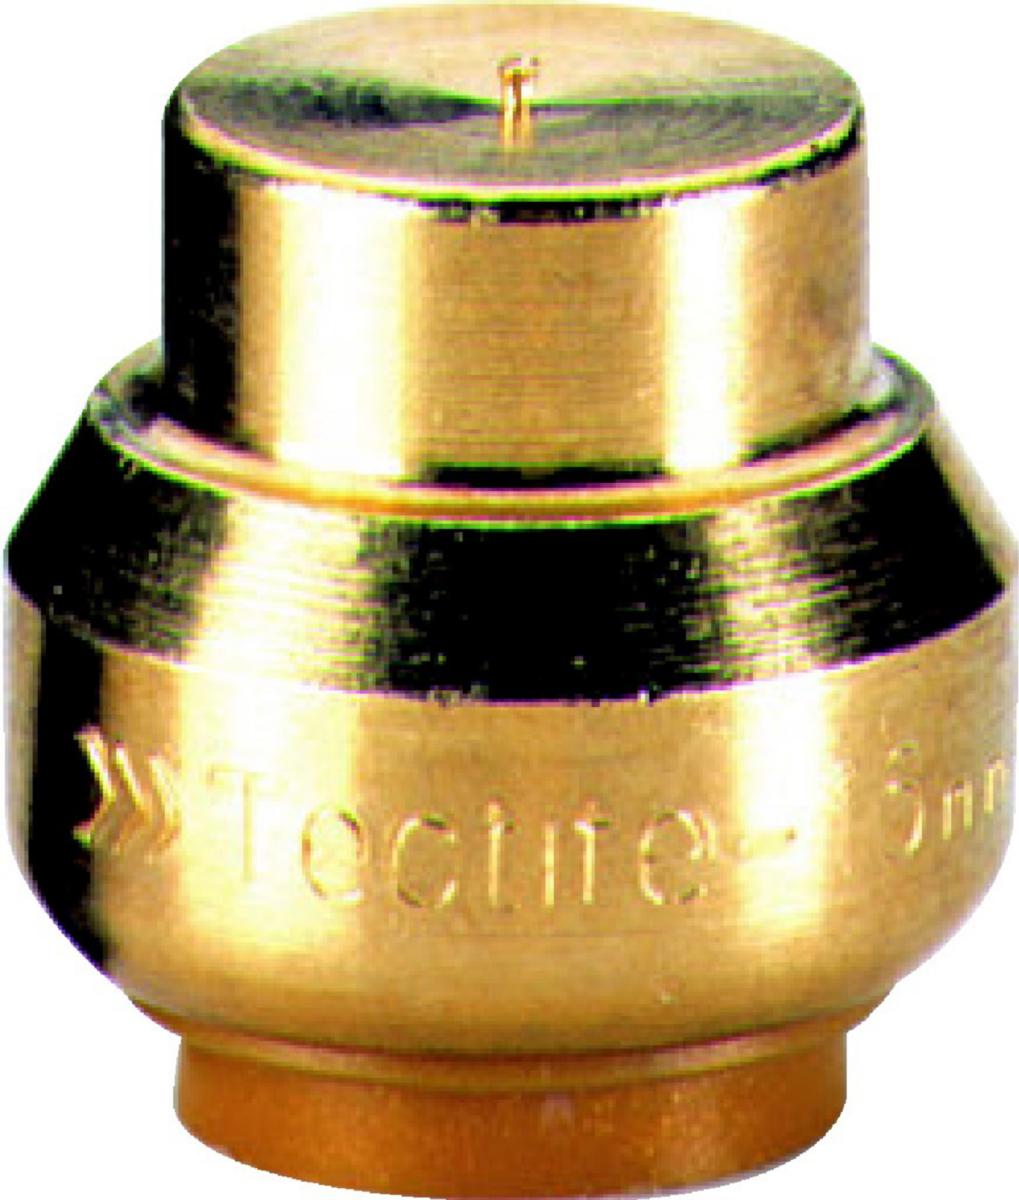 Bouchon Tectite Pour Cuivre Per Diamètre 14 Mm Comap T30114